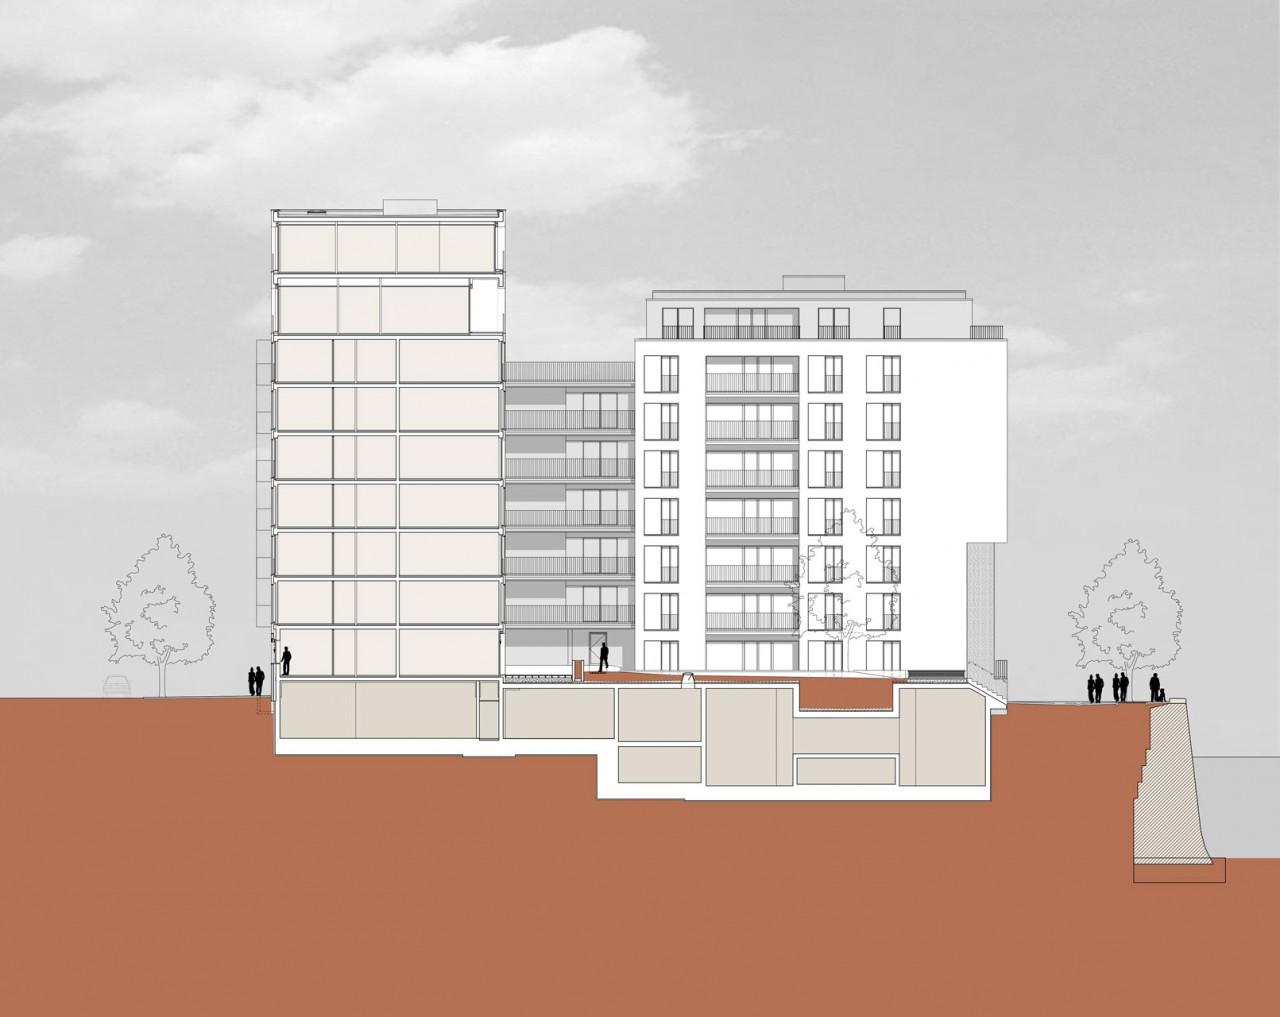 Drei Eins – Architektur- und Stadtplanungsbüro in Frankfurt // Westhafen, Ffm